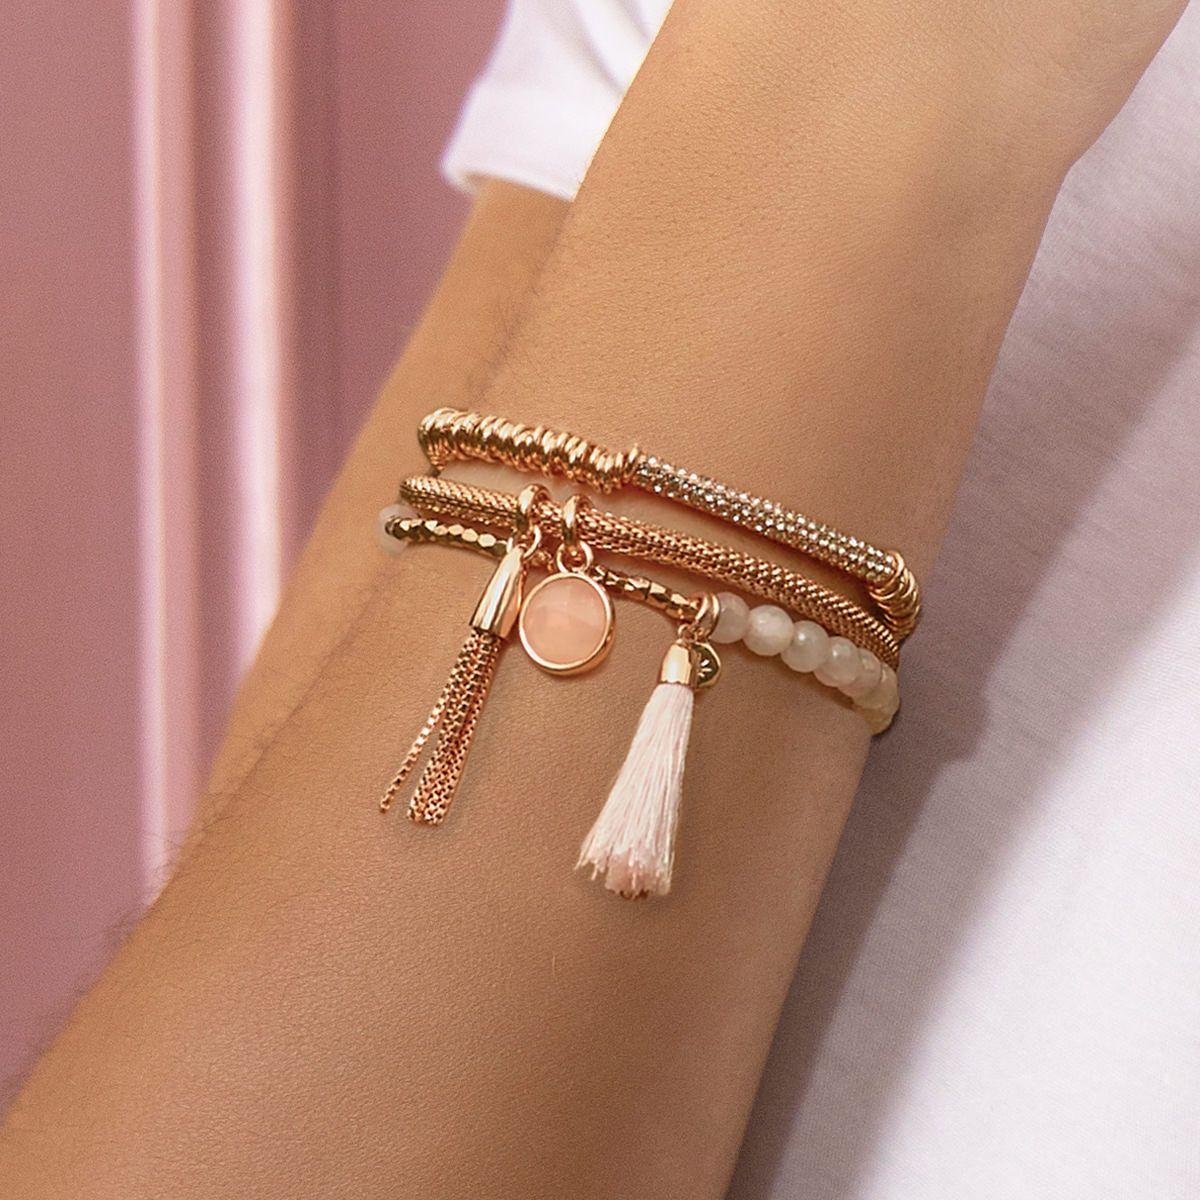 Carnival bracelet